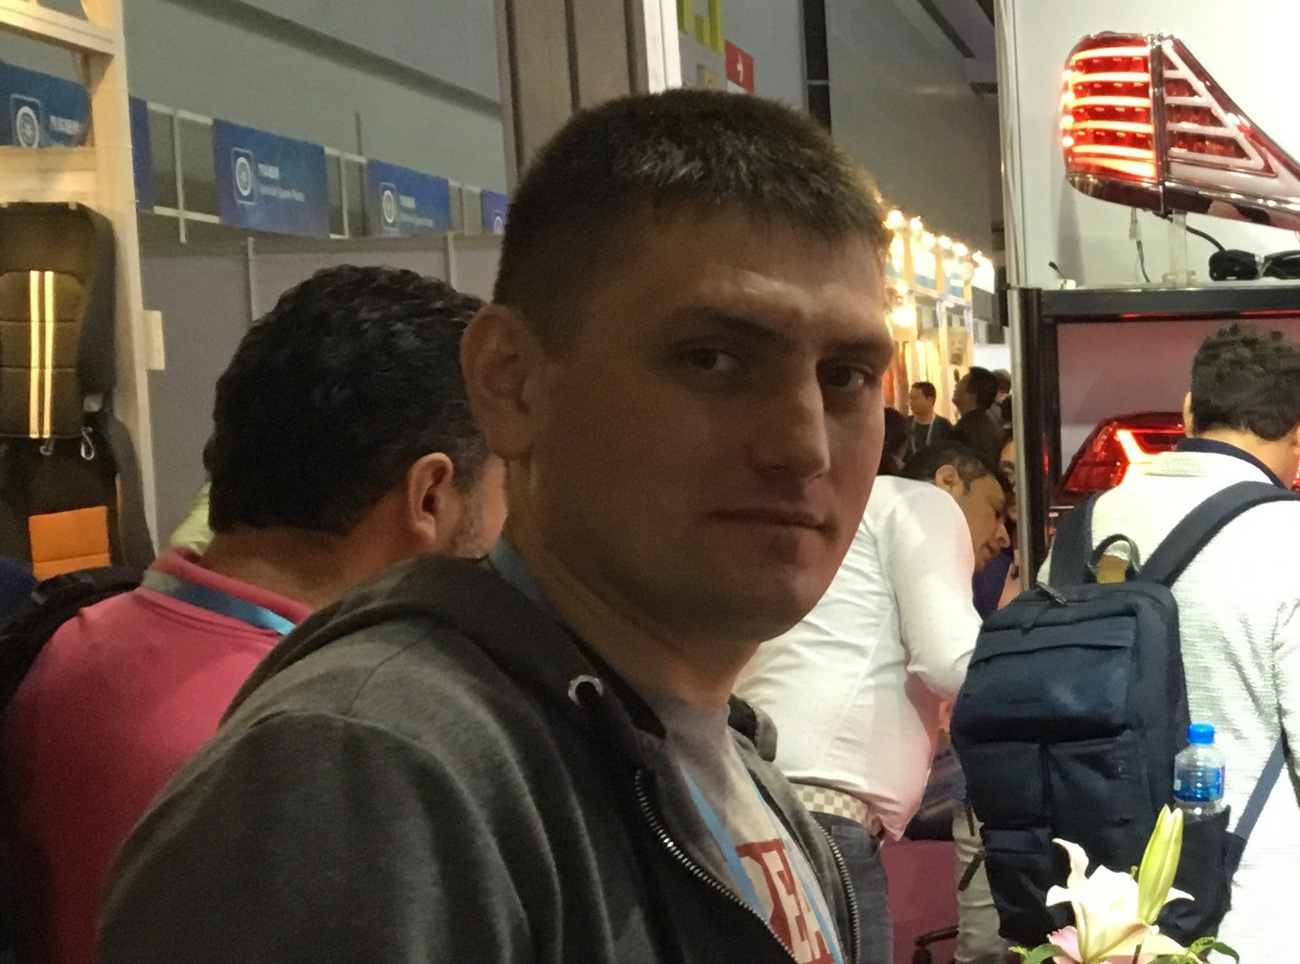 Сергей Лободенко, владелец интернет-магазина электроскутеров Bibika.com.ua, 35 лет